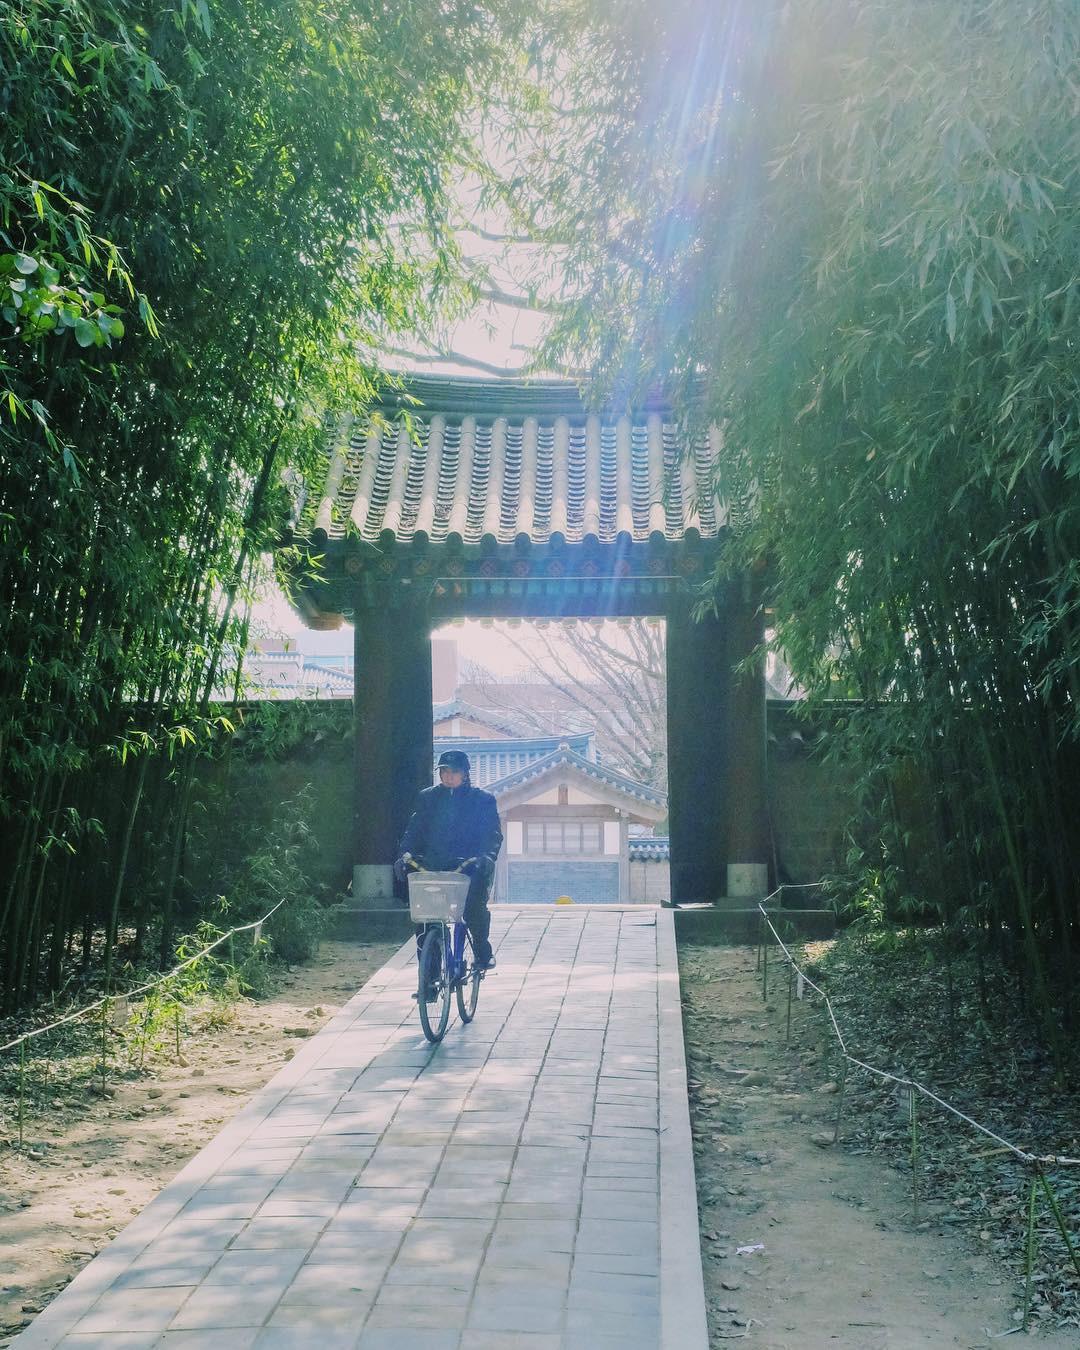 Thong thong khám phá văn hóa truyền thống tại 5 ngôi làng cổ đặc sắc nhất xứ Hàn - Ảnh 19.